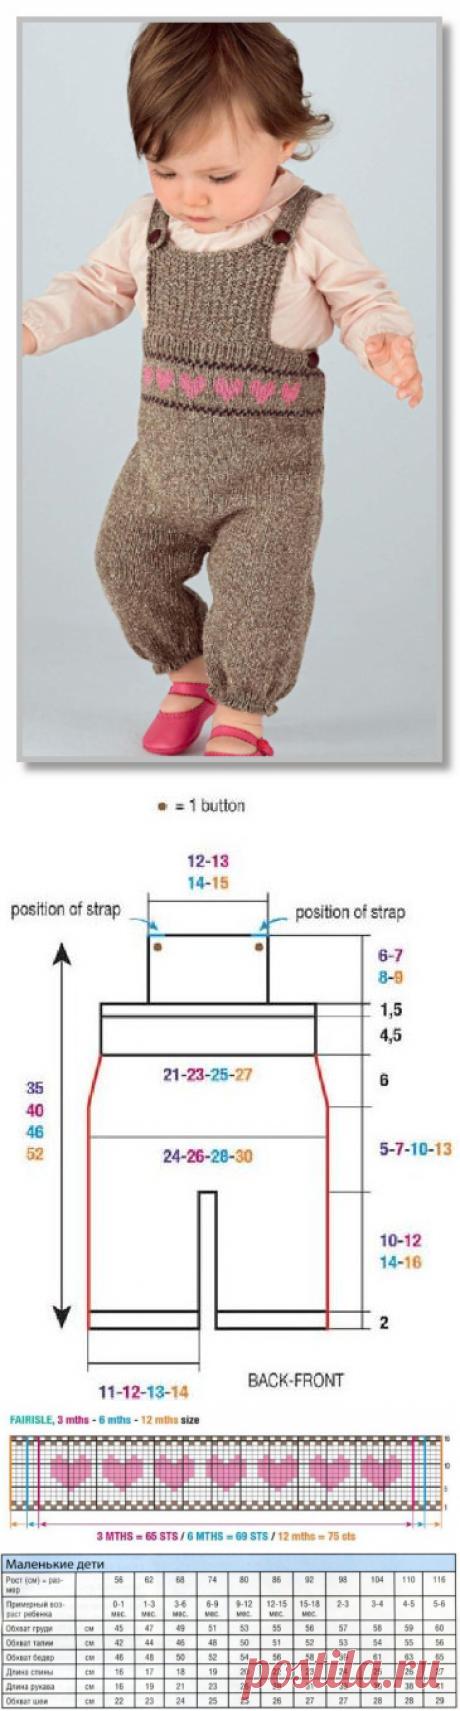 Вязание спицами детям от 0 до 3 лет. Описание детской модели со схемой и выкройкой. Полукомбинезон на бретелях, с жаккардовыми сердечками. Размеры: на 1 [3:6:12] месяцев